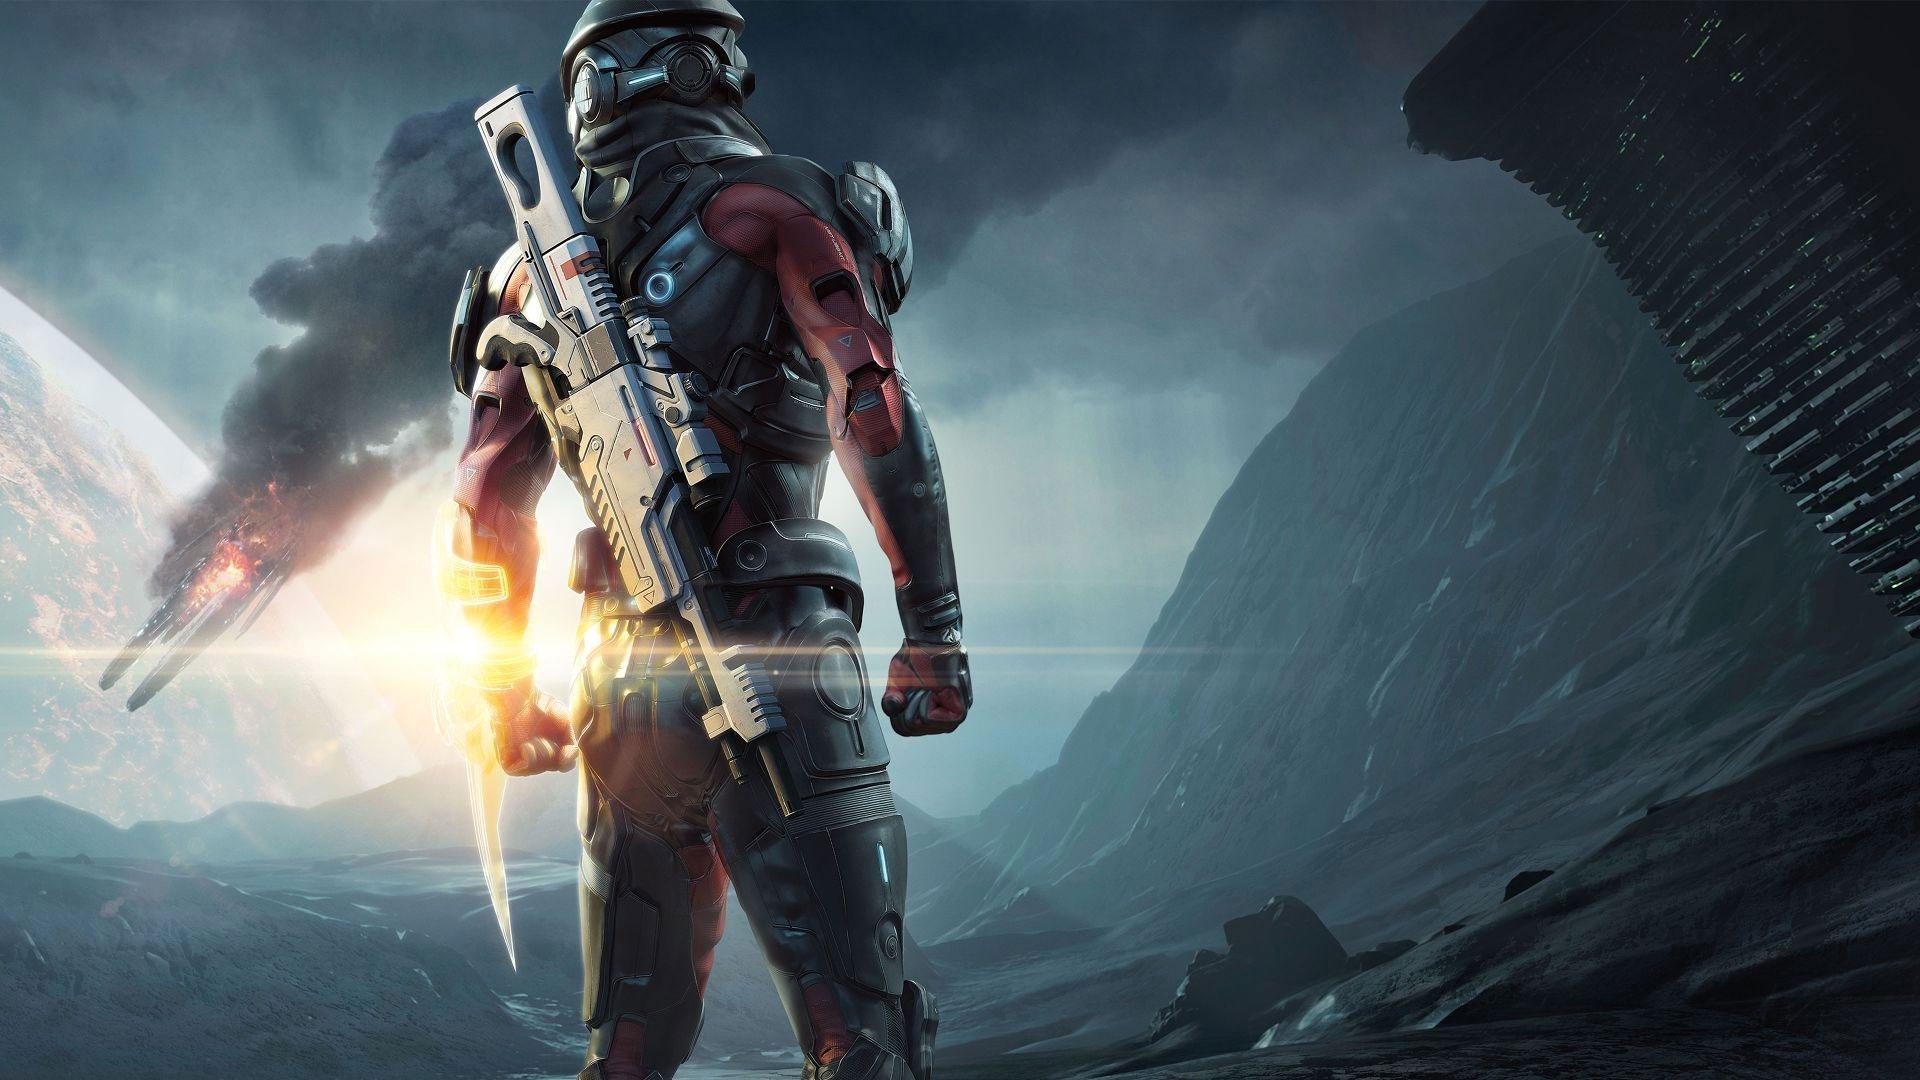 2c96c95d18fd3041b13d80e2e5fc9402.jpg - Mass Effect: Andromeda